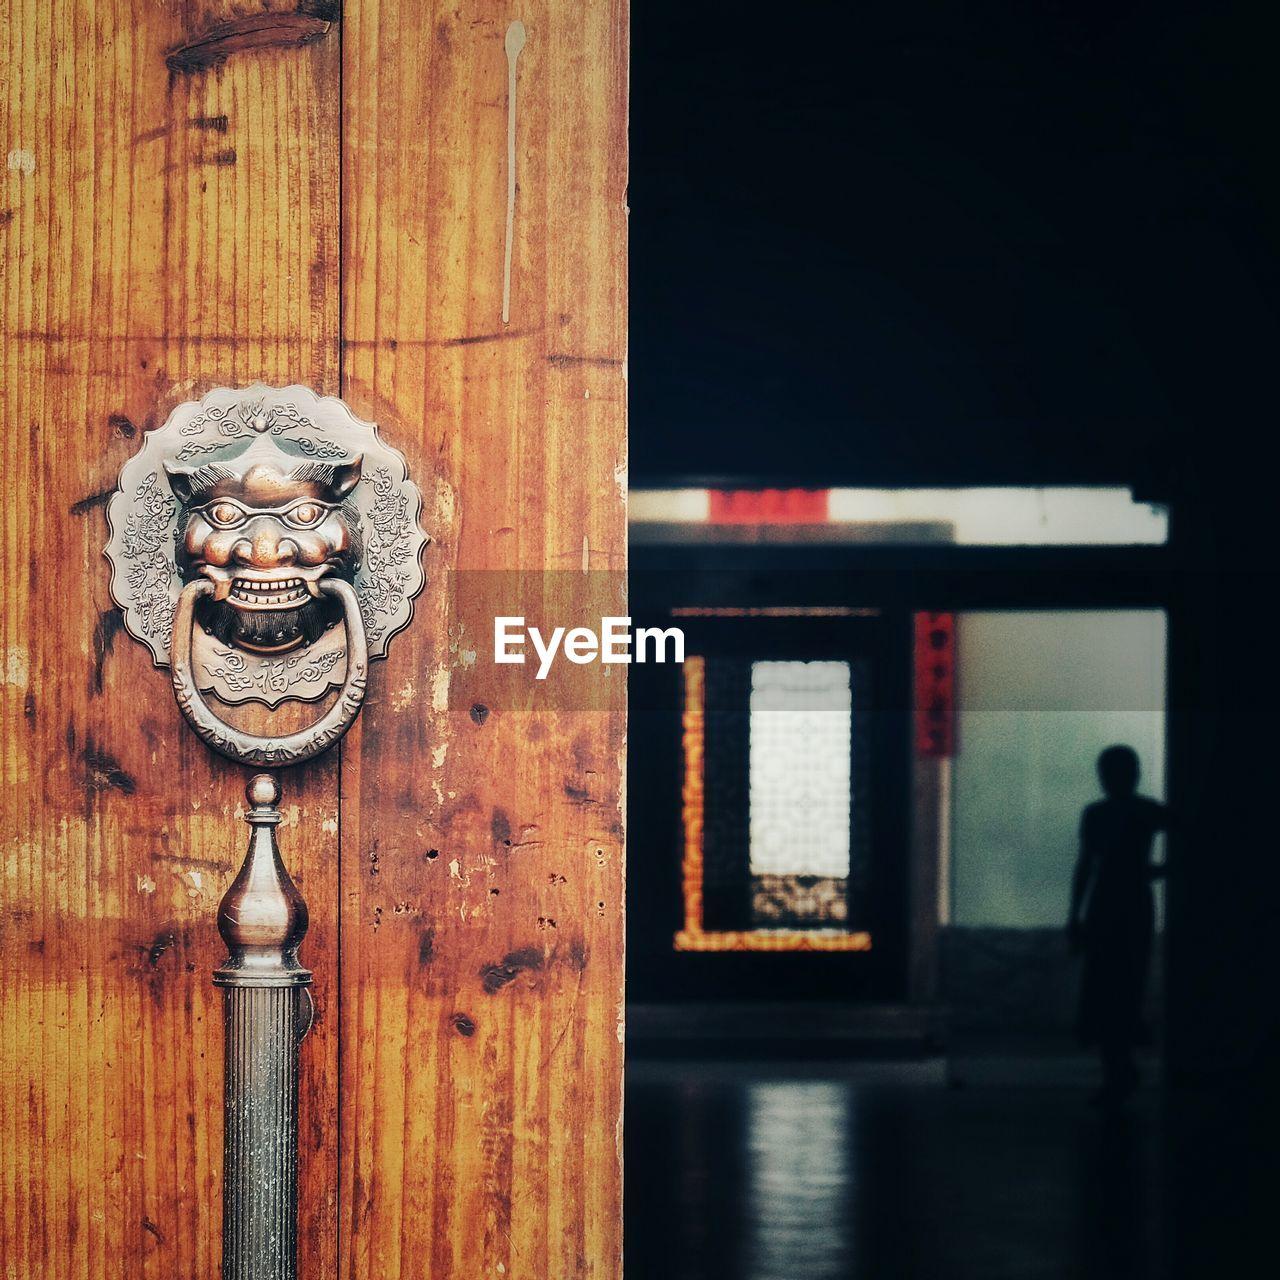 Old Antique Knocker And Handle On Wooden Door